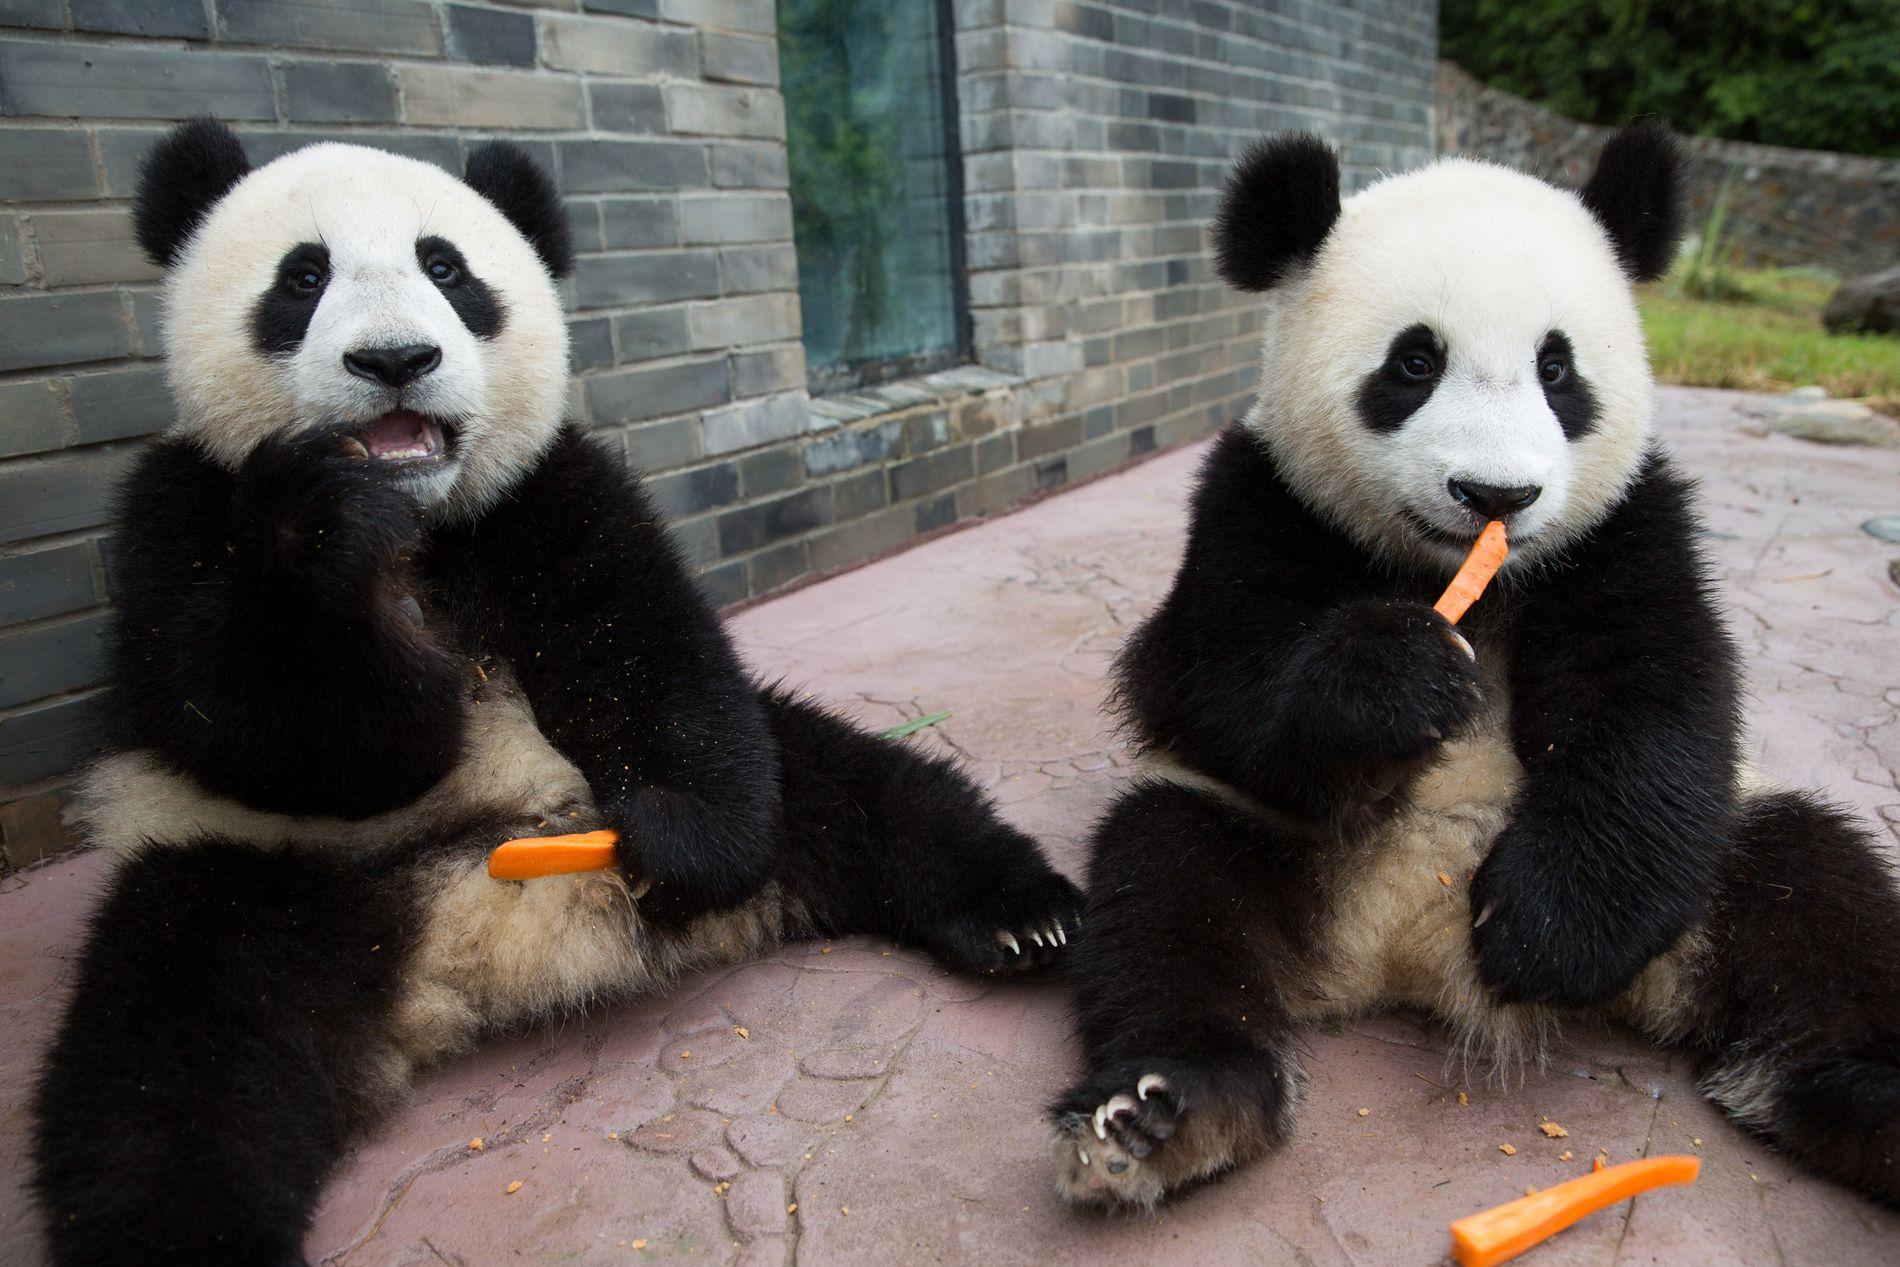 SISTE NYTT: Kjempepandaene er utrydningstruet, men de er ikke tatt ut i streik.